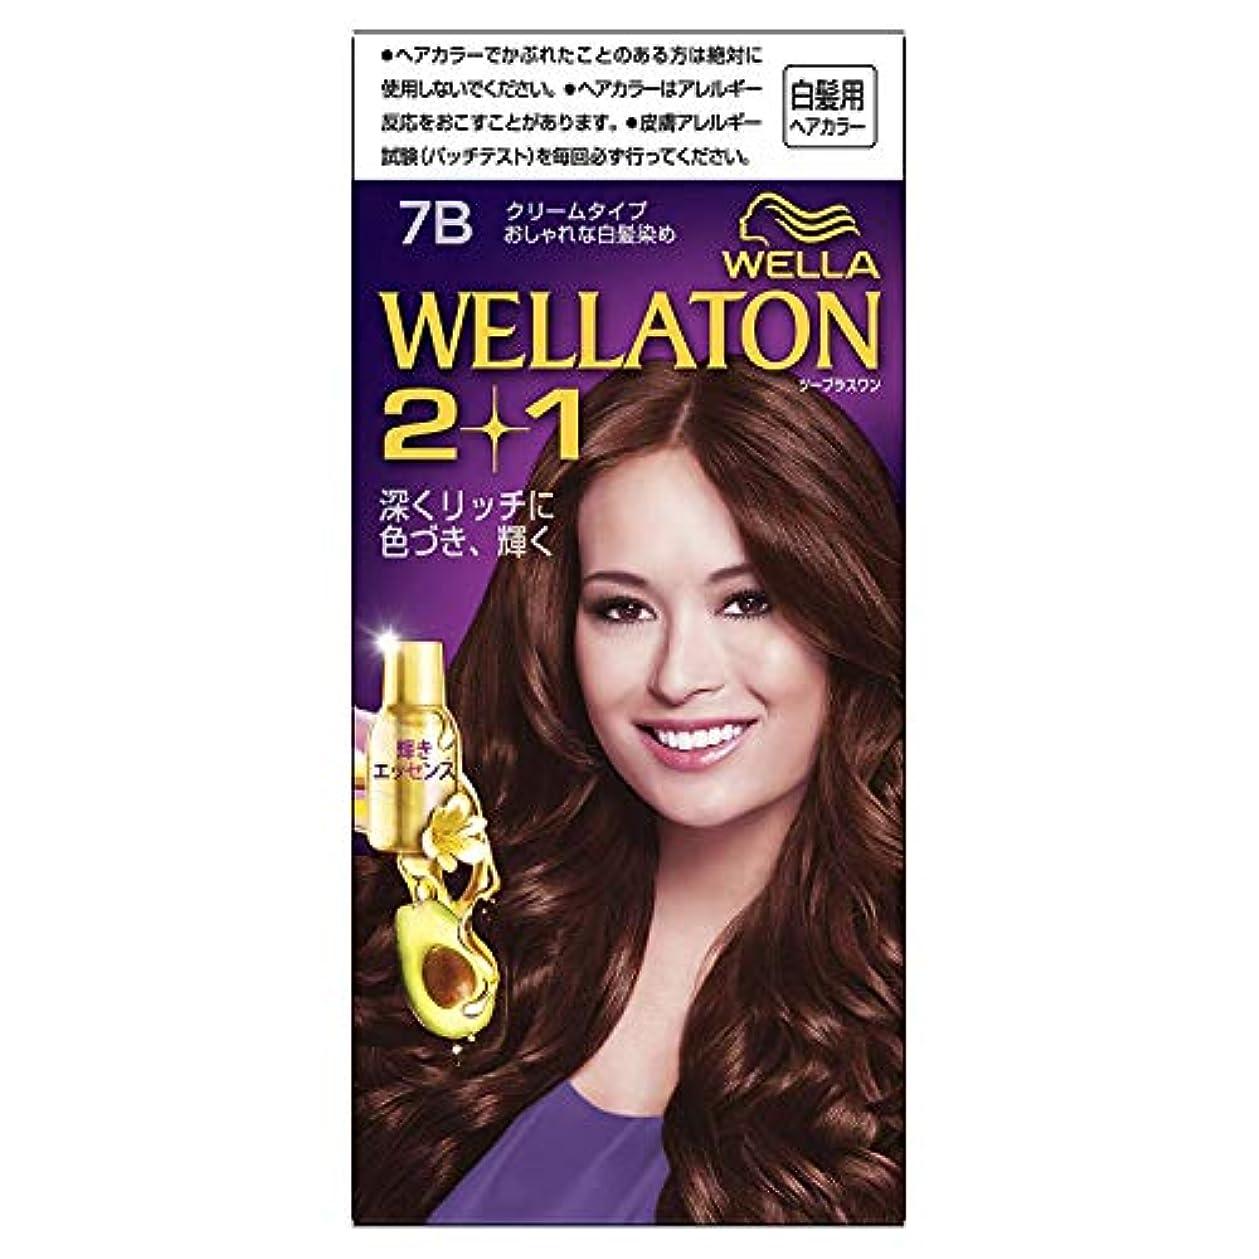 のためほかにサラミウエラトーン2+1 白髪染め クリームタイプ 7B [医薬部外品]×6個